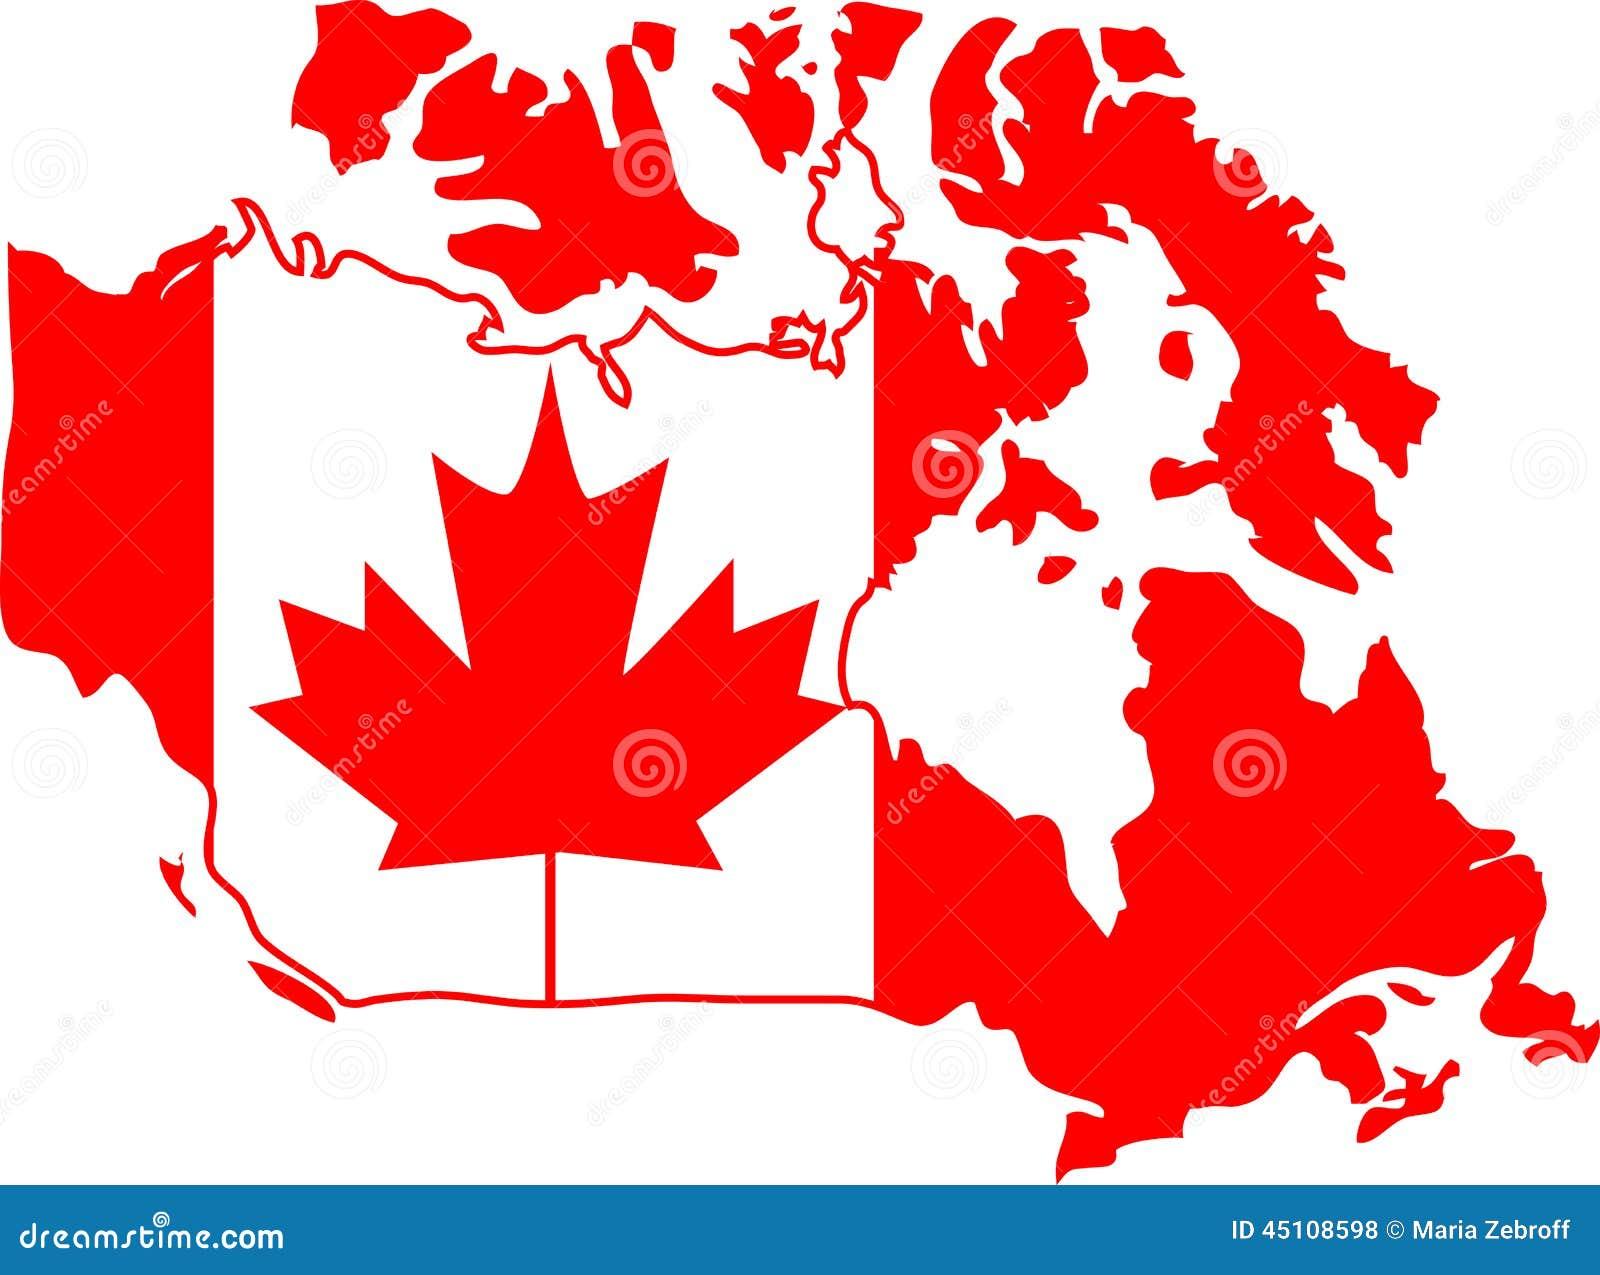 红色和白色加拿大地图